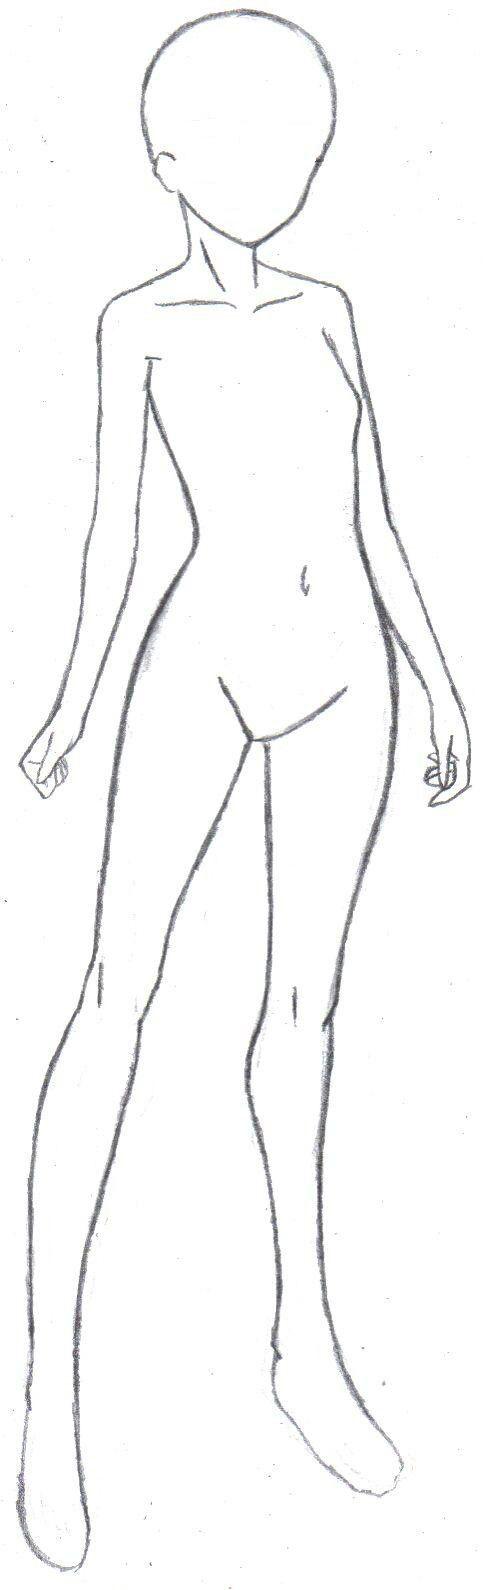 Pin de Rutani en Chibi | Pinterest | Dibujo, Bocetos y Anatomía